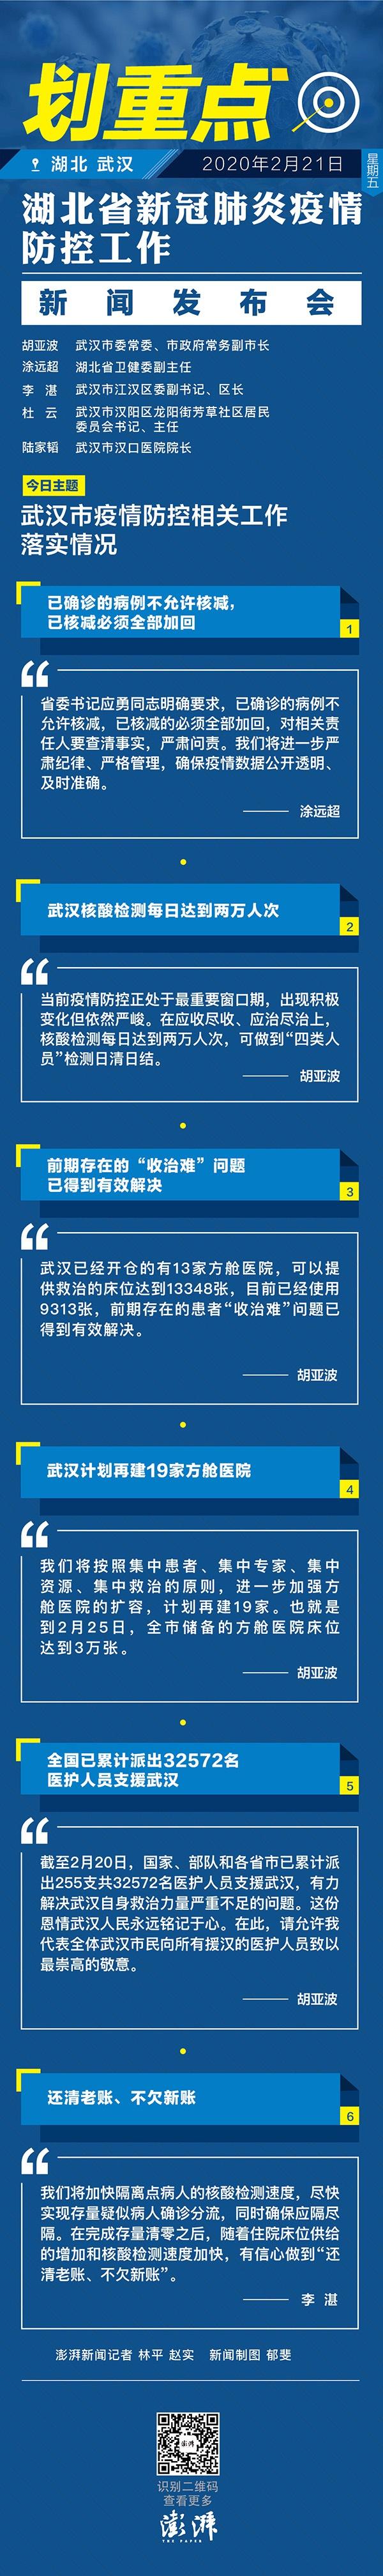 划重点|武汉市落实疫情防控相关工作的六大看点图片